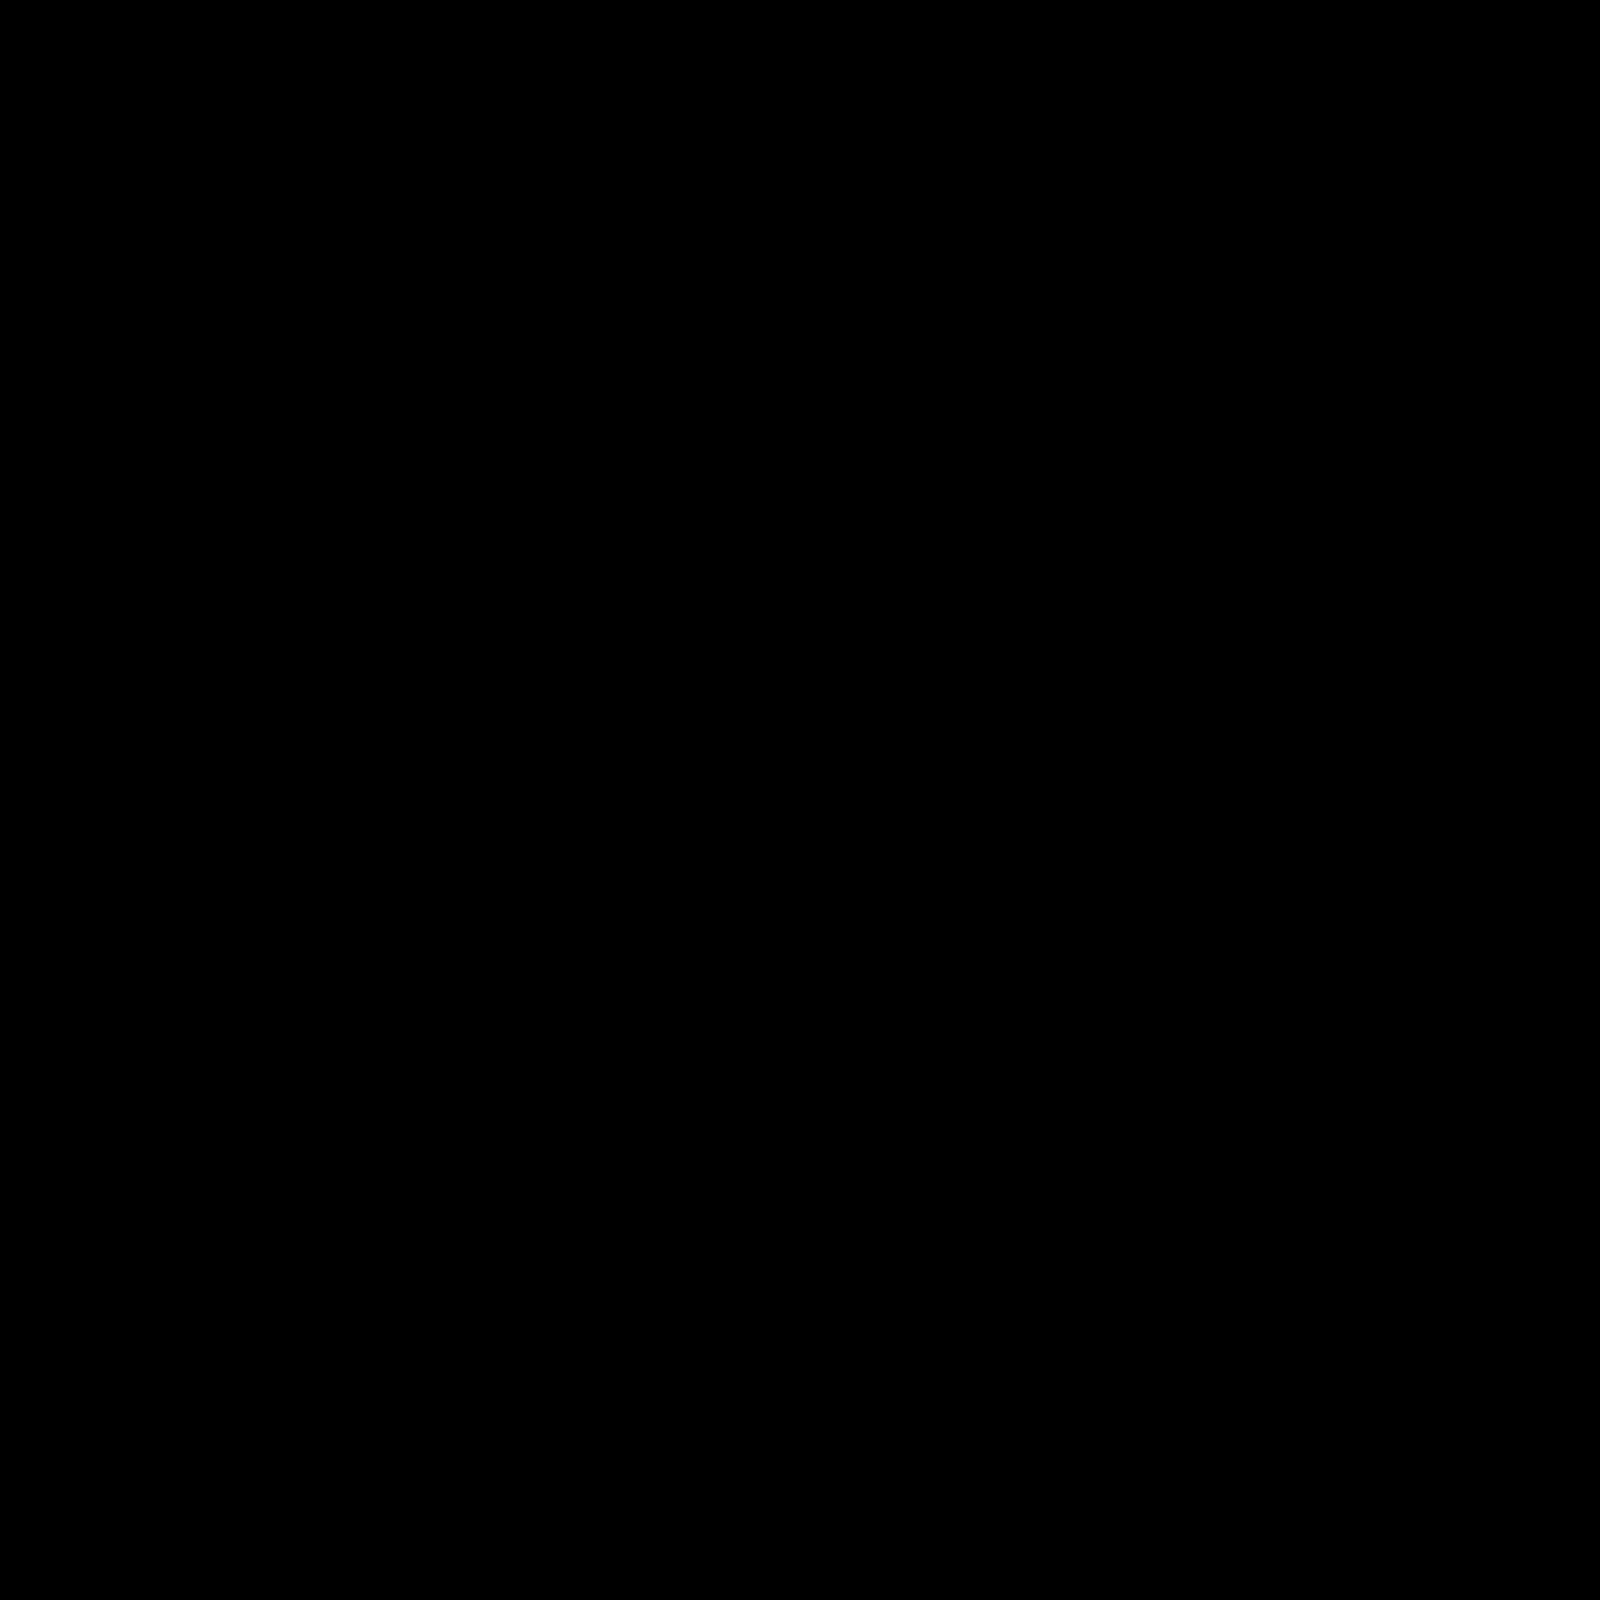 Roboter icon